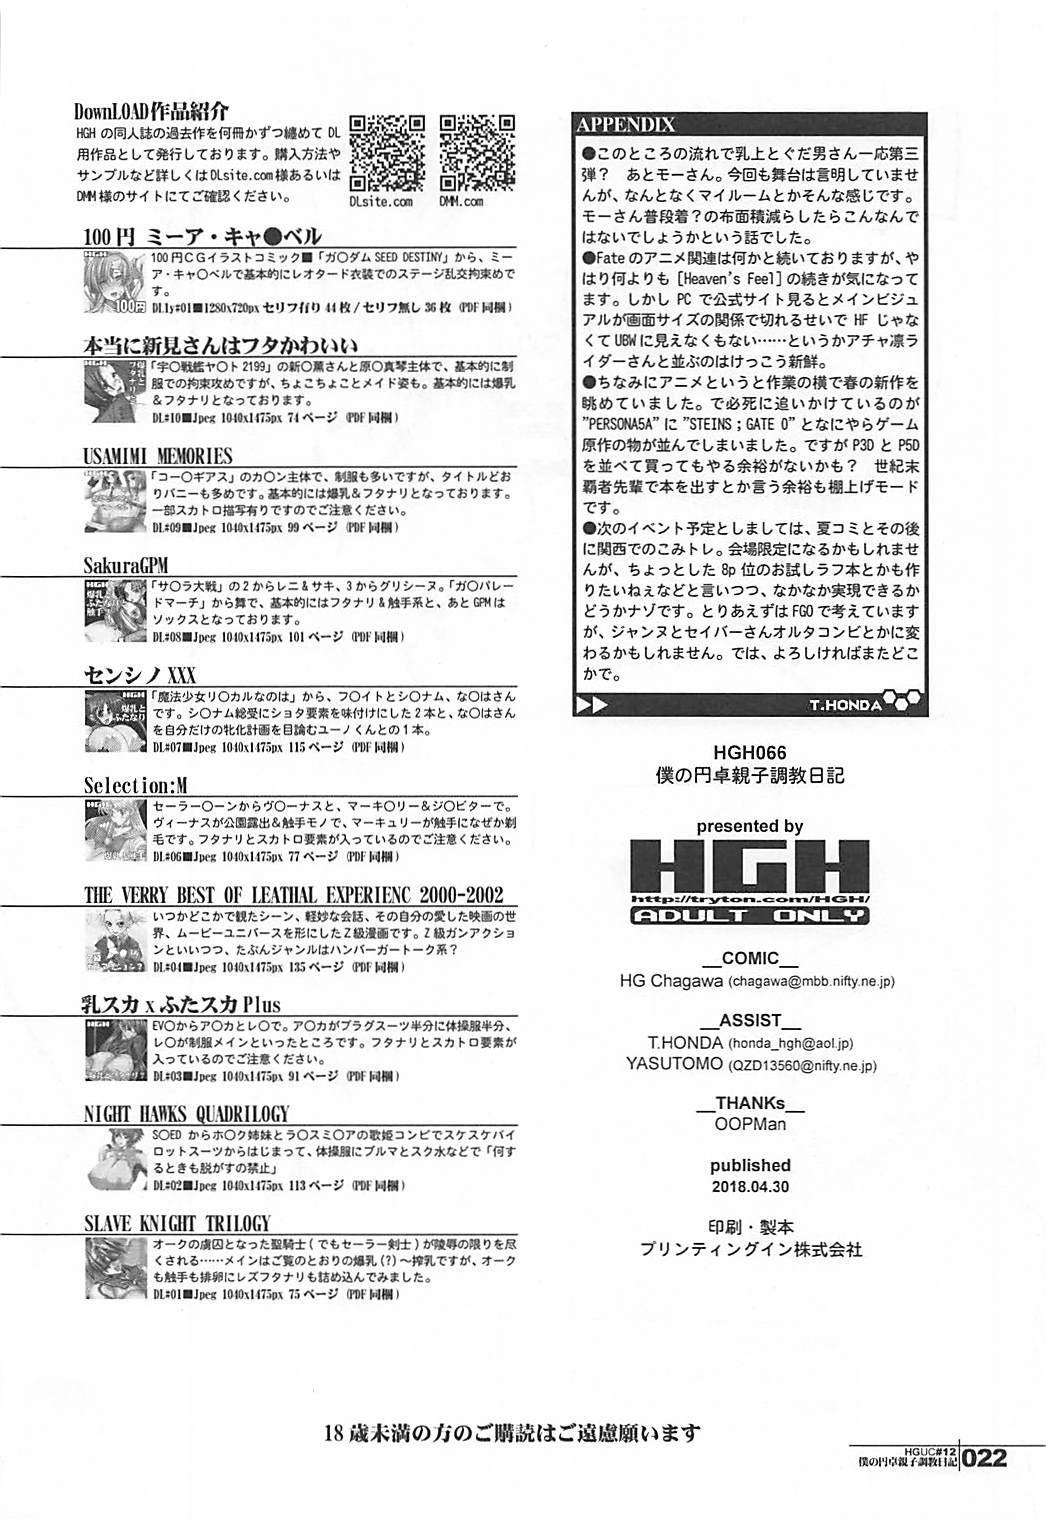 HGUC# 12 Boku no Entaku Oyako Kaihatsu Nikki 20